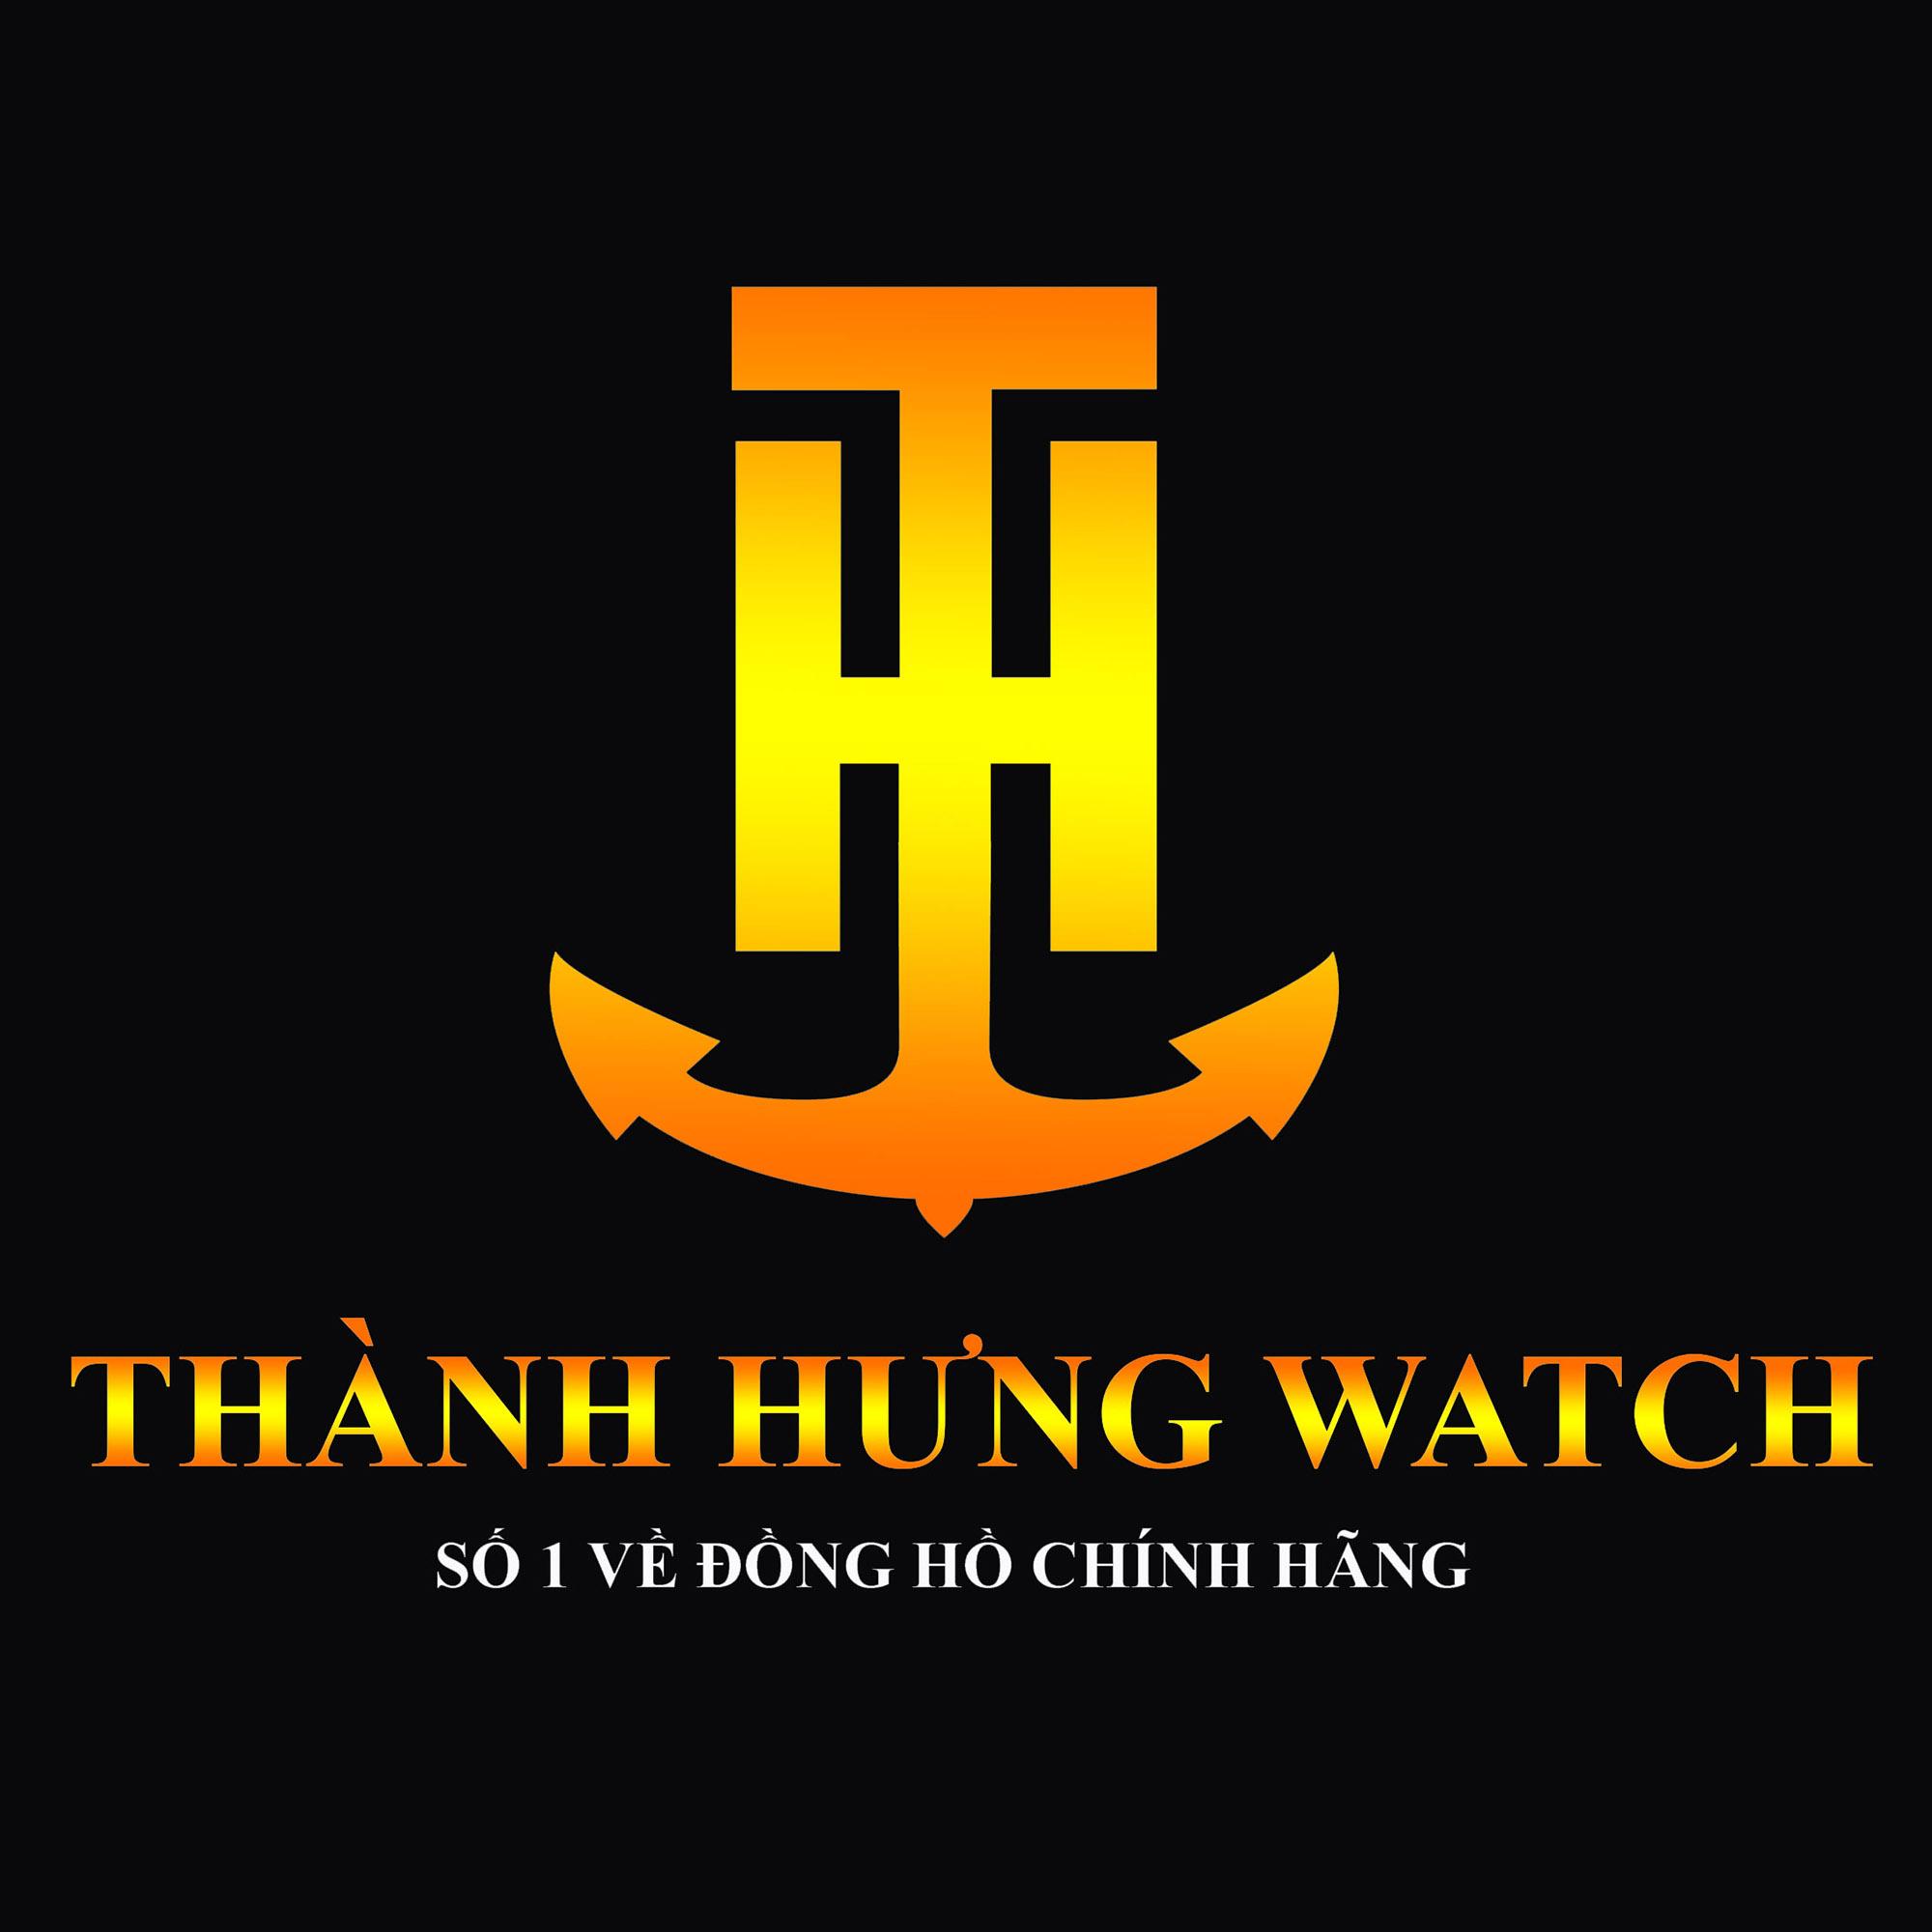 Thành Hưng Watch